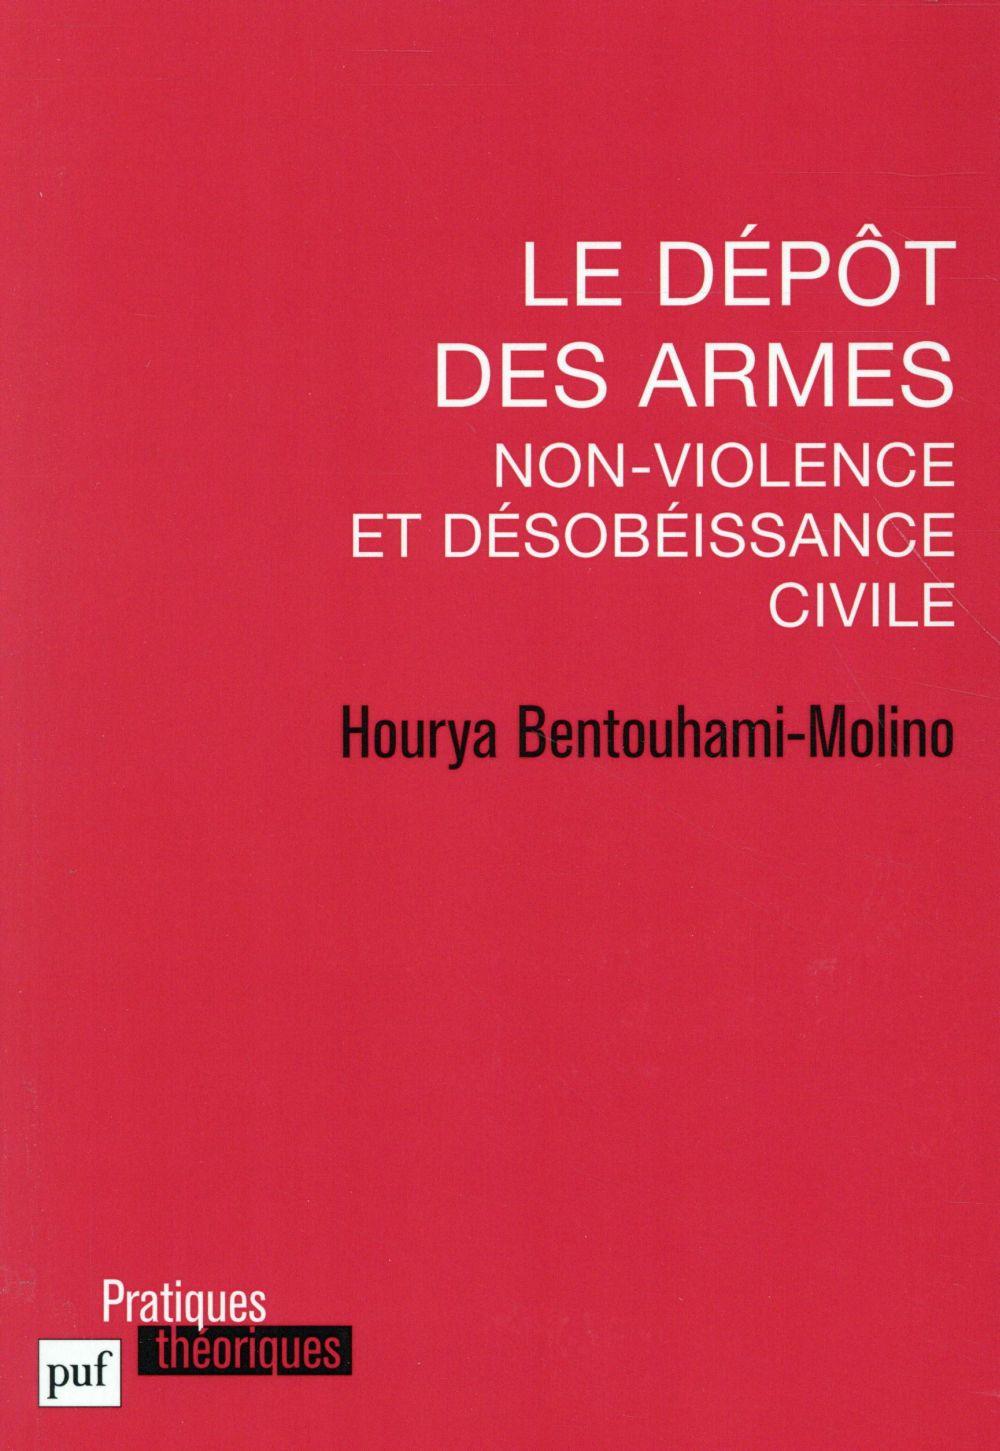 LE DEPOT DES ARMES NON-VIOLENCE ET DESOBEISSANCE CIVILE